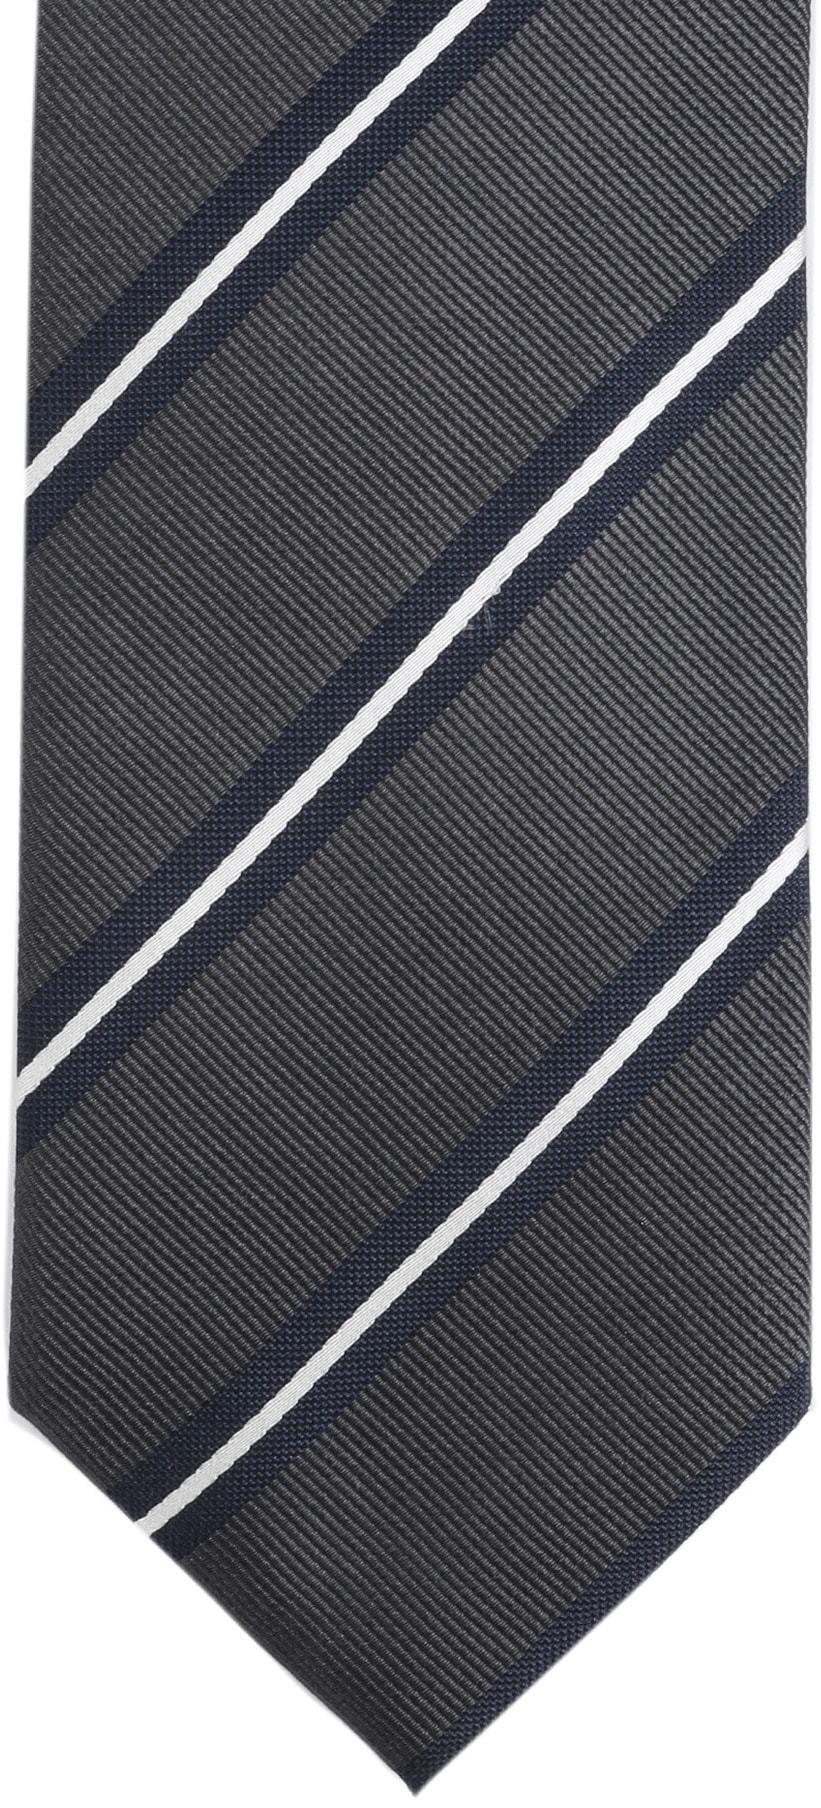 Krawatte Seide Dunkelgrau Streifen foto 3